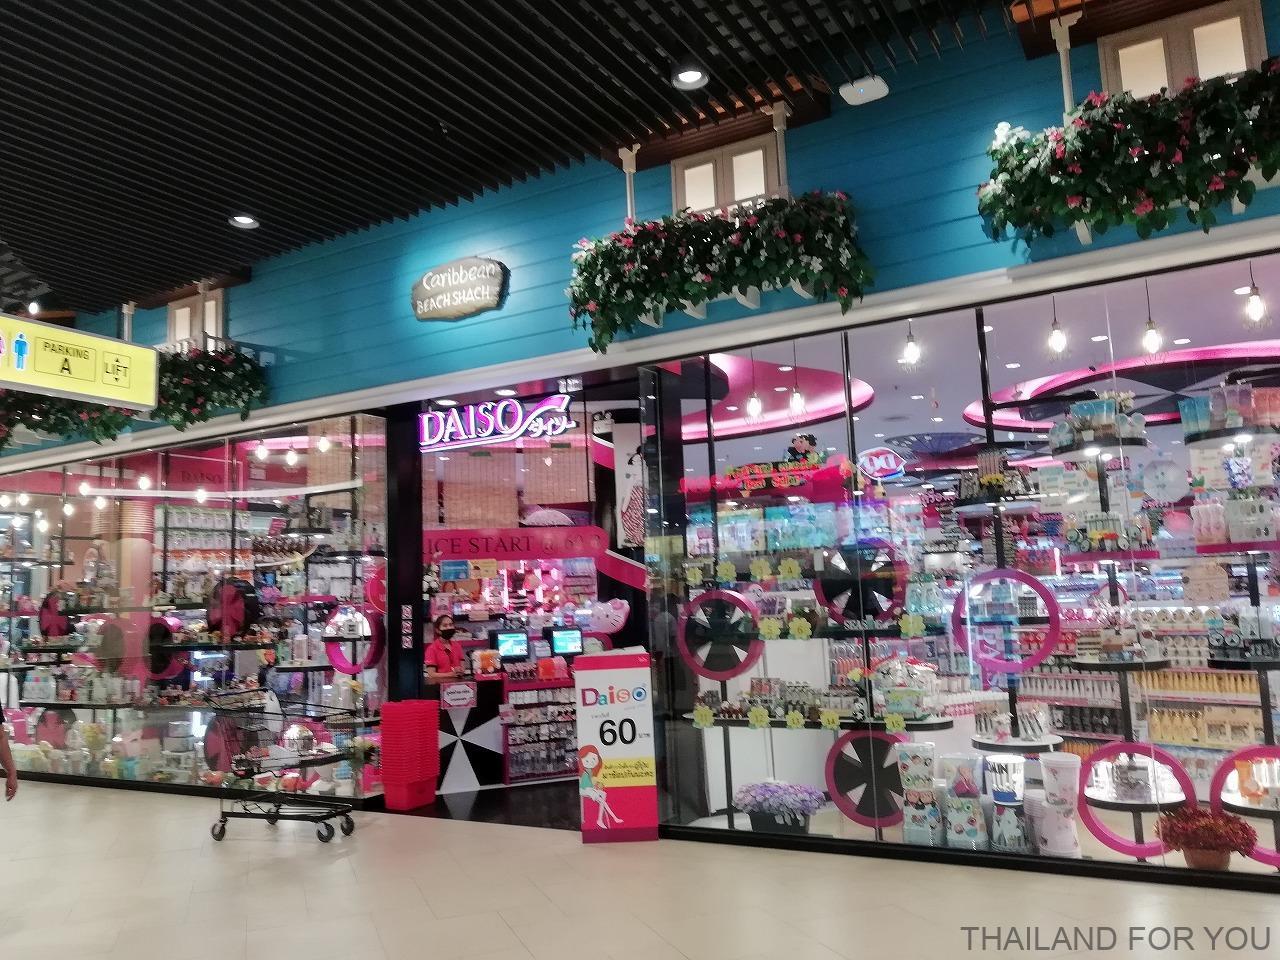 ターミナル21 コラート ダイソー 写真 画像